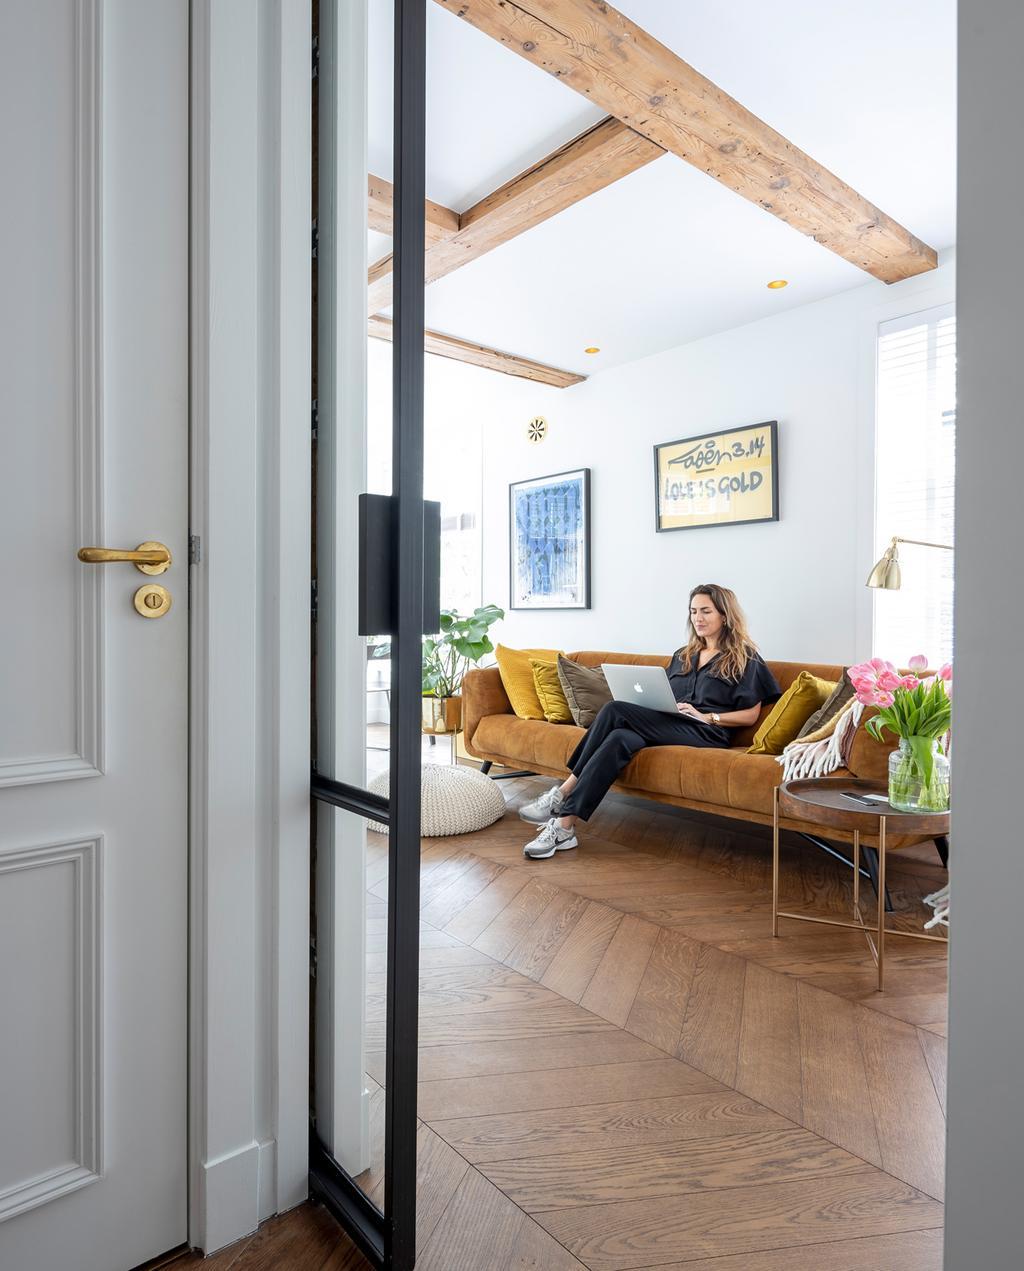 vtwonen special tiny houses | glazen schuifdeur naar de woonkamer, sonja zit op de bank